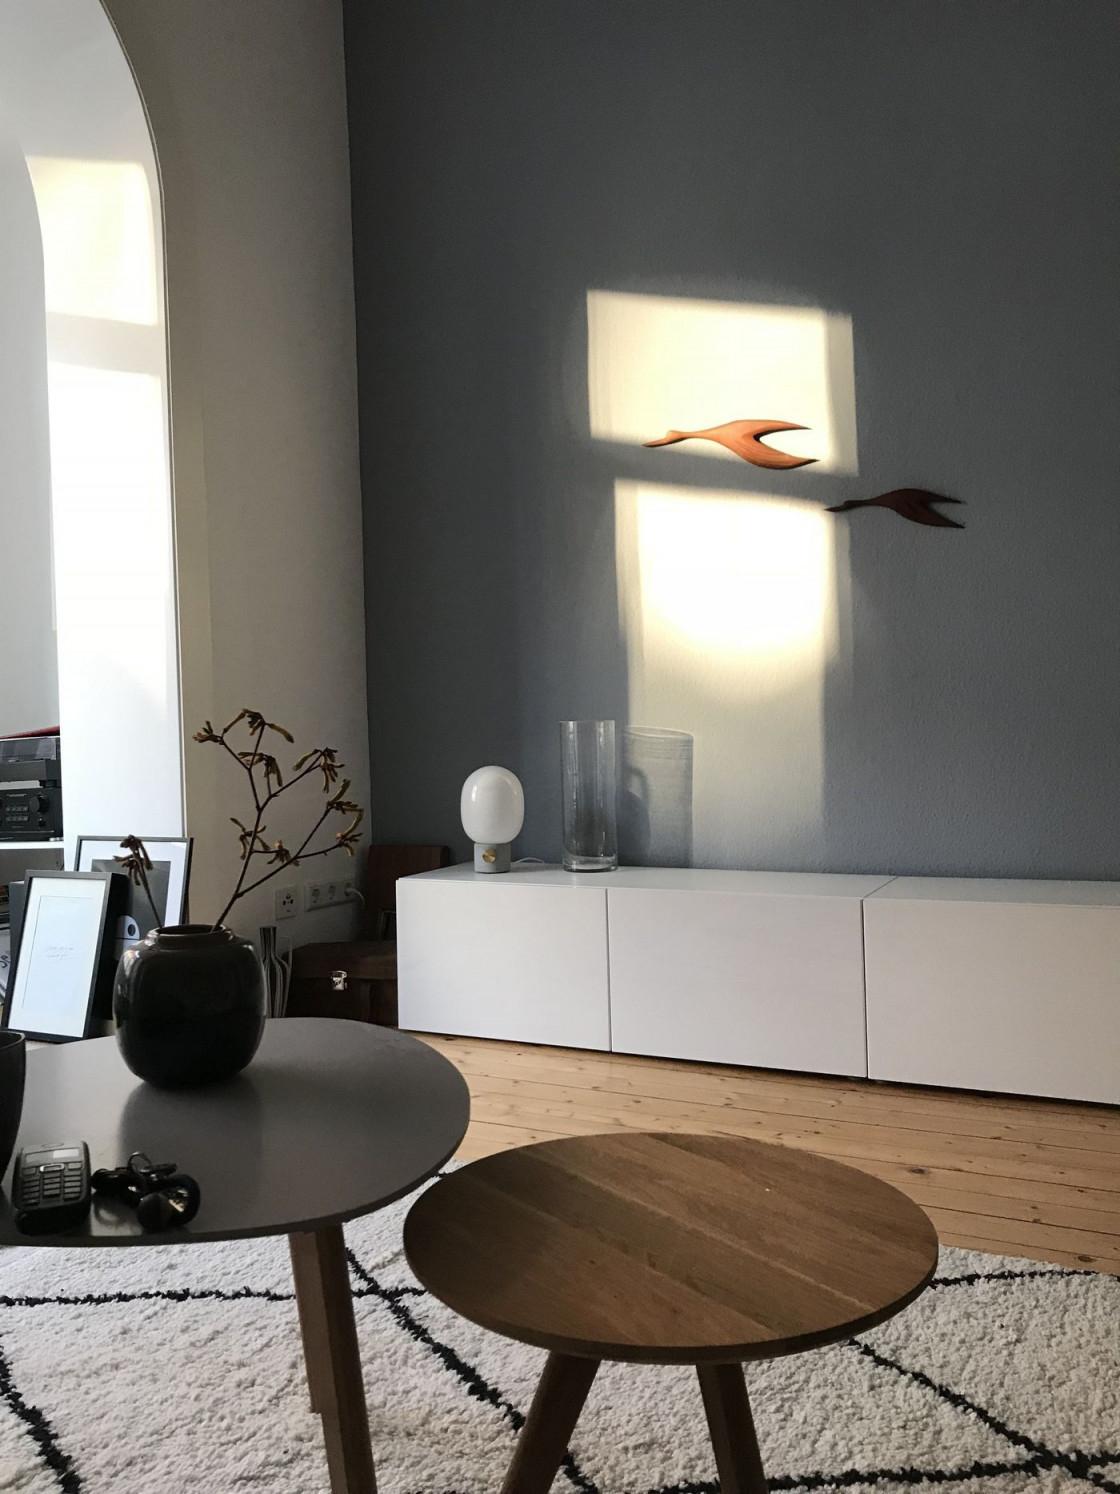 Die Schönsten Ideen Mit Dem Ikea Bestå System von Wohnzimmer Besta Ideen Bild